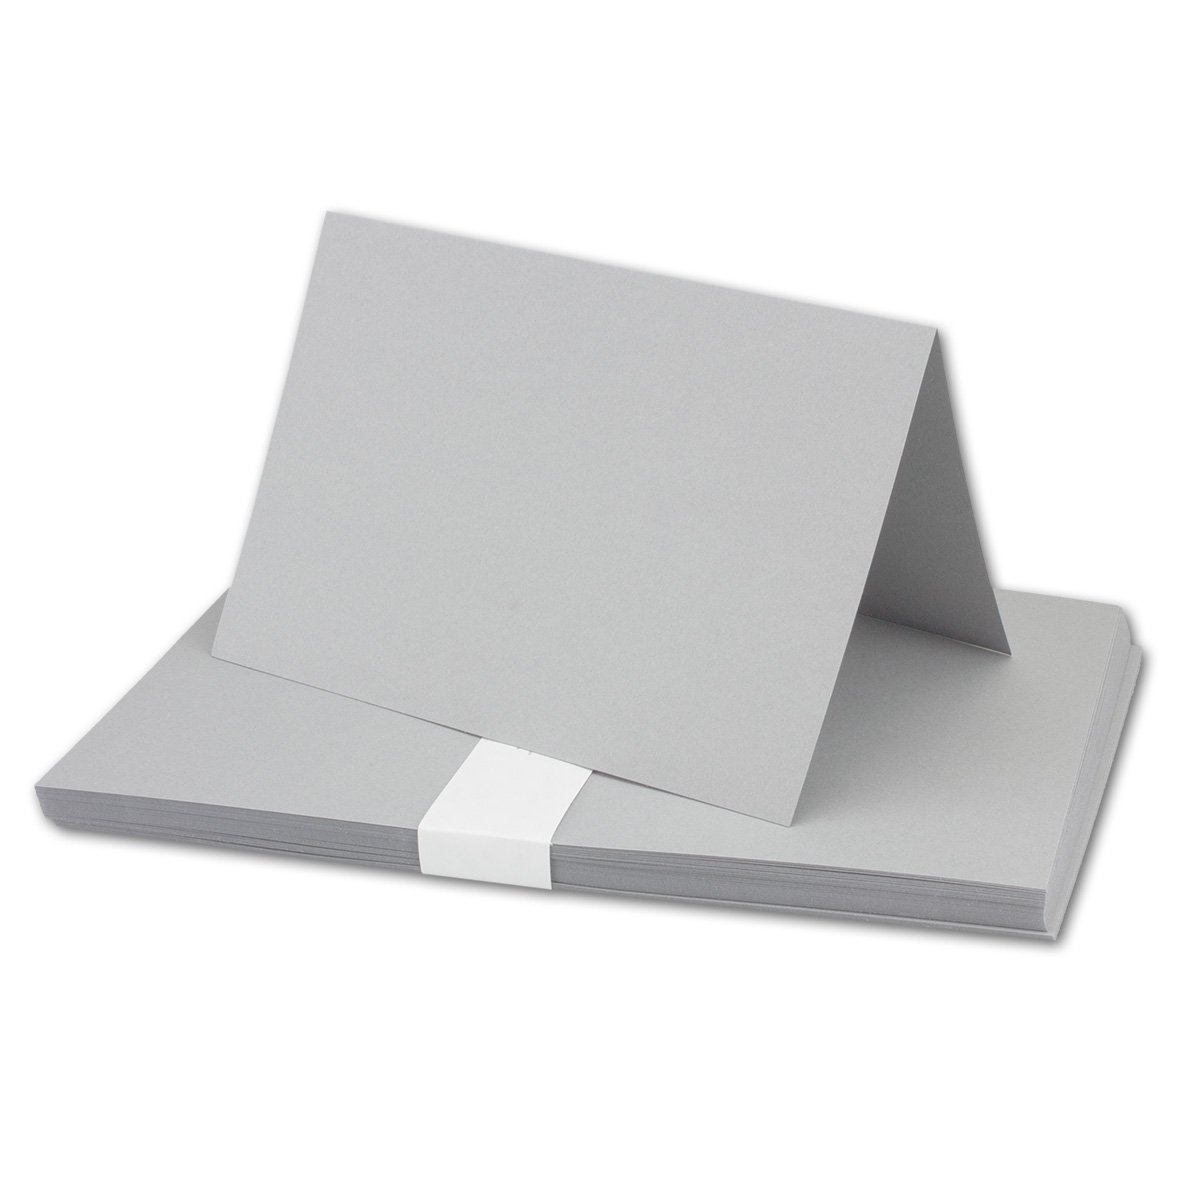 250x 250x 250x Falt-Karten DIN A6 Blanko Doppel-Karten in Hochweiß Kristallweiß -10,5 x 14,8 cm   Premium Qualität   FarbenFroh® B079VQHBPM | Sorgfältig ausgewählte Materialien  616a0a